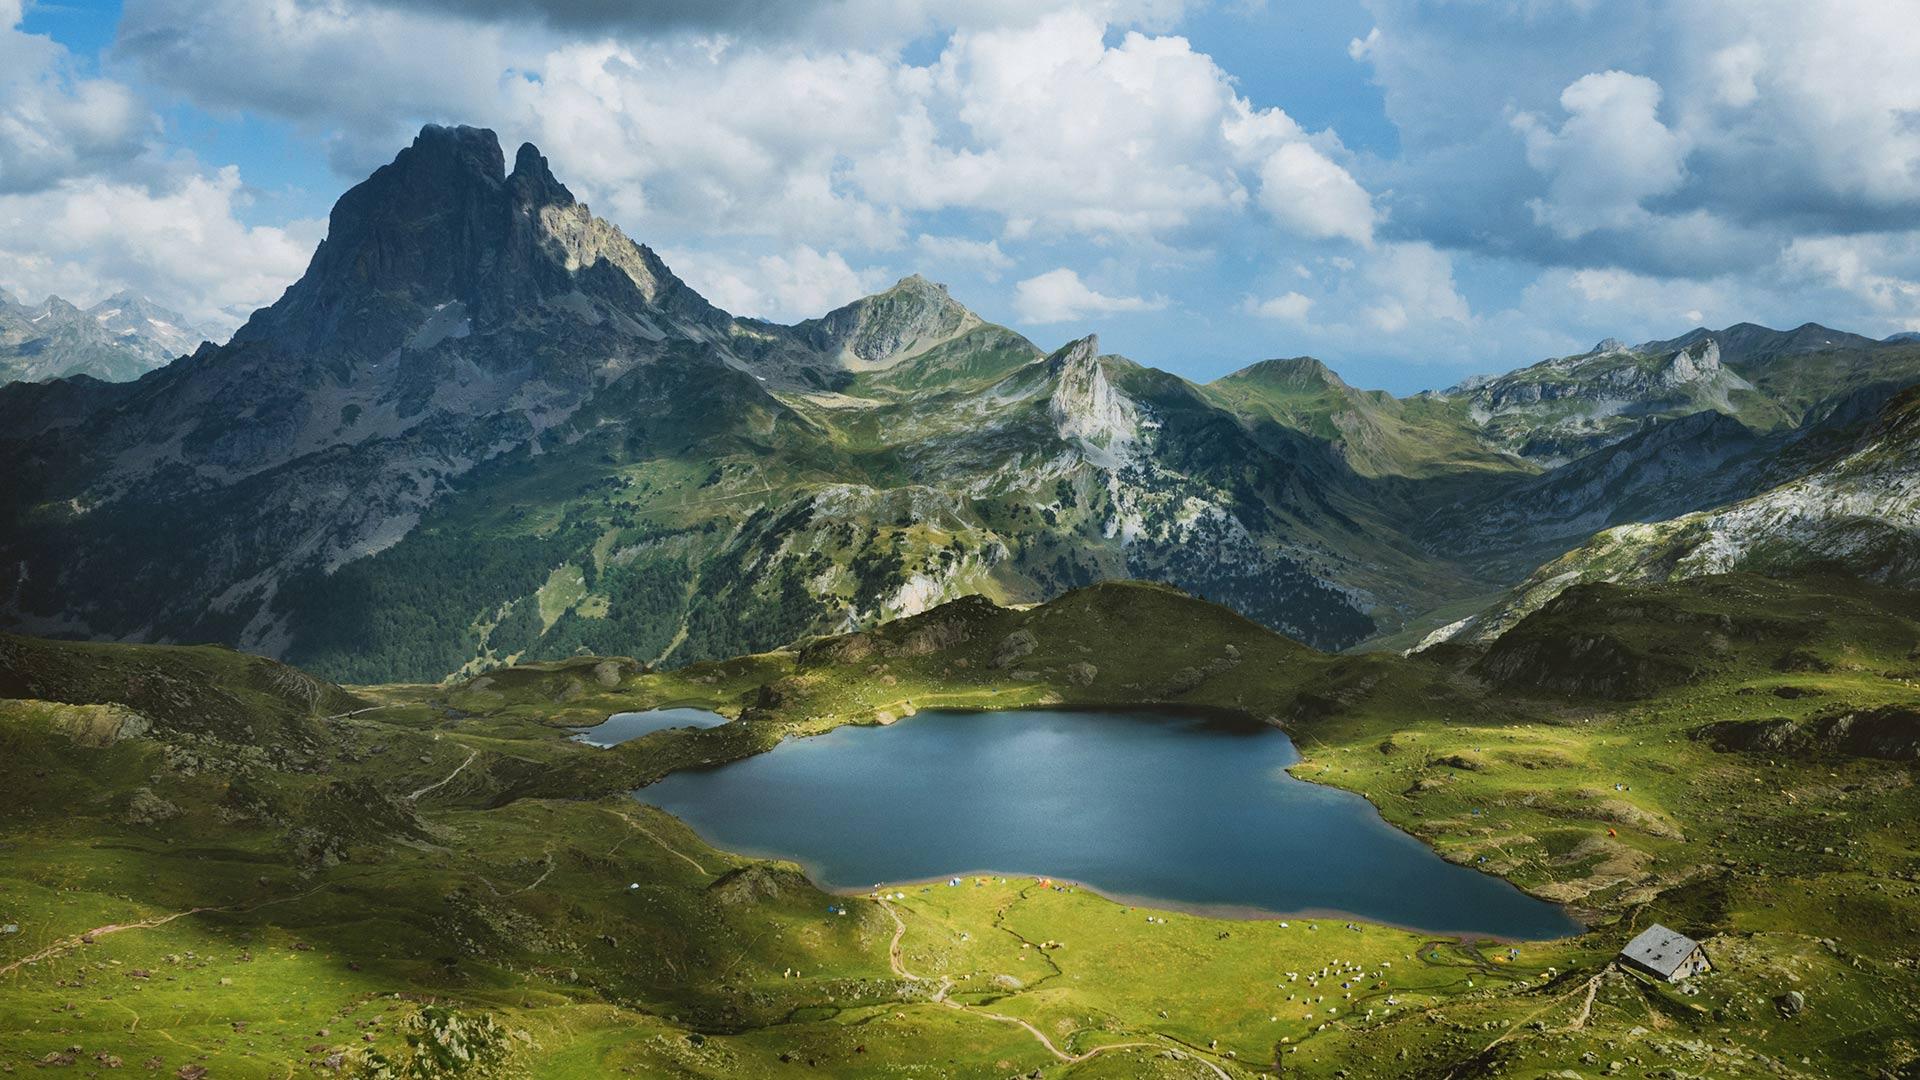 「アユー湖とピック・デュ・ミディ・ドソー山」フランス, ピレネー国立公園 (© Eneko Aldaz/Offset by Shutterstock)